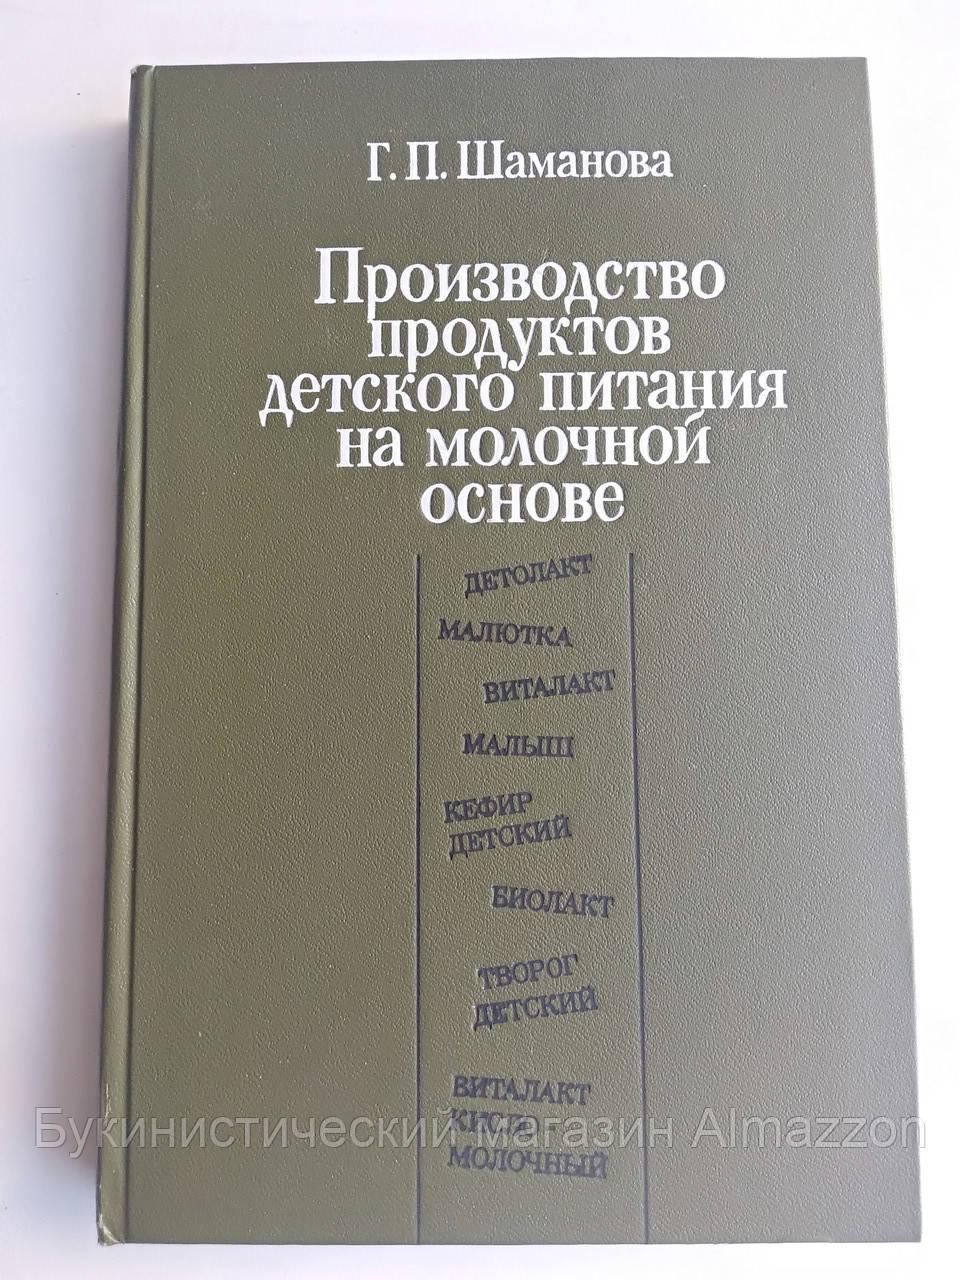 Производство продуктов детского питания на молочной основе Г.Шаманова